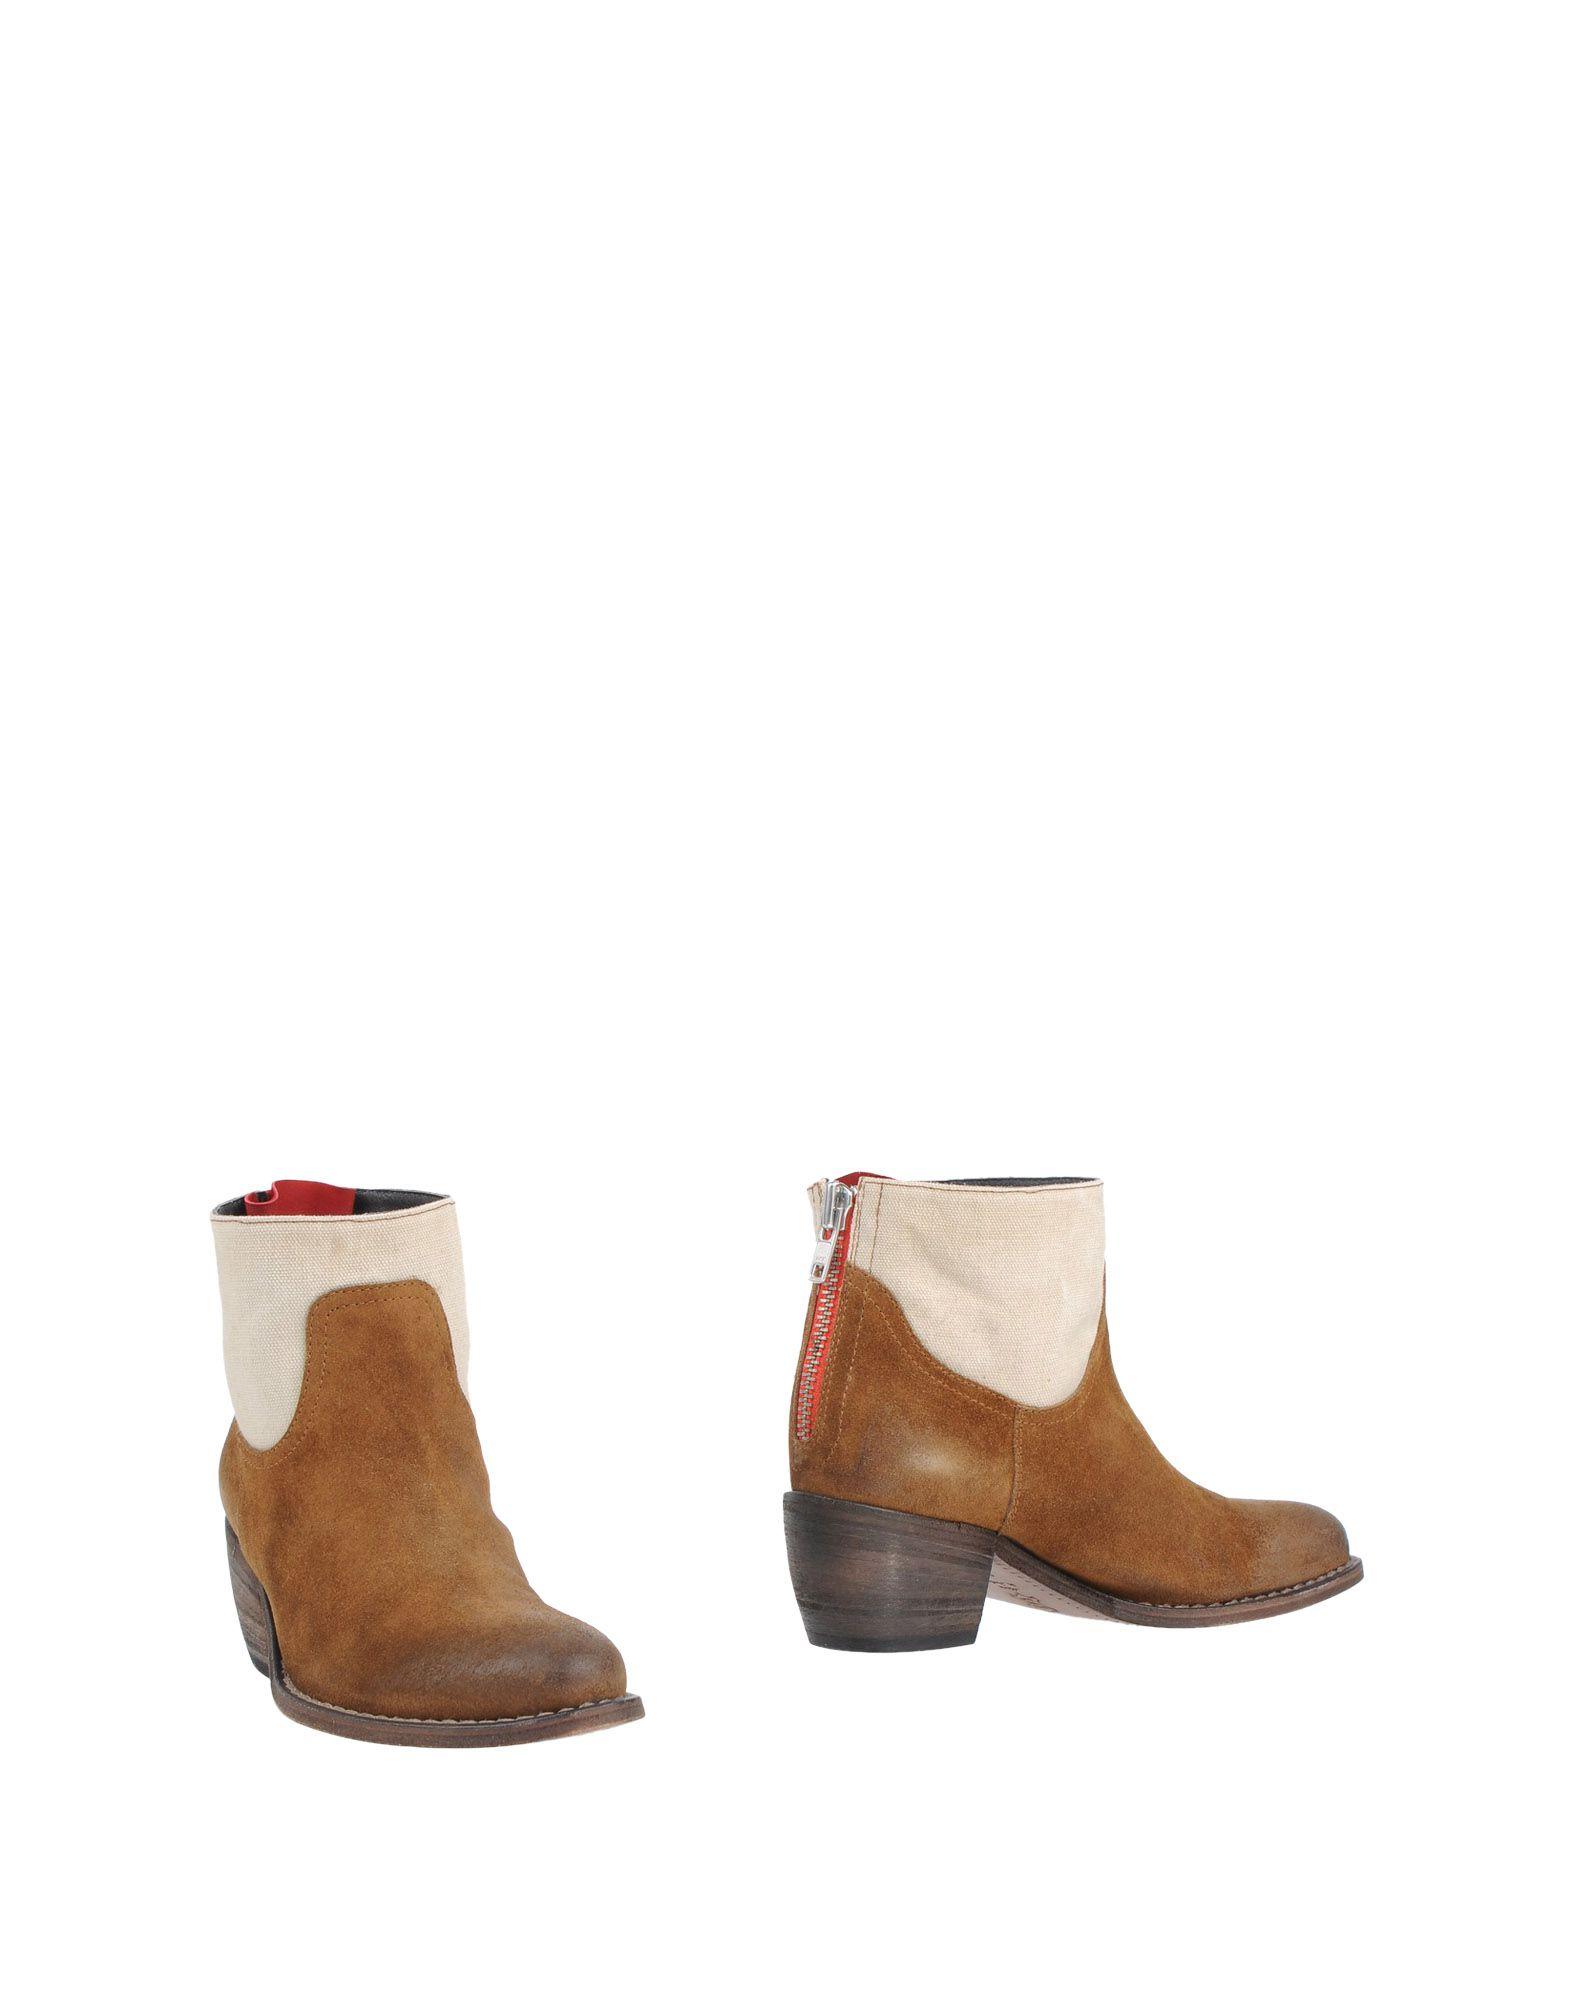 Via Roma 15 Stiefelette Damen  11328671XQ Gute Qualität beliebte Schuhe